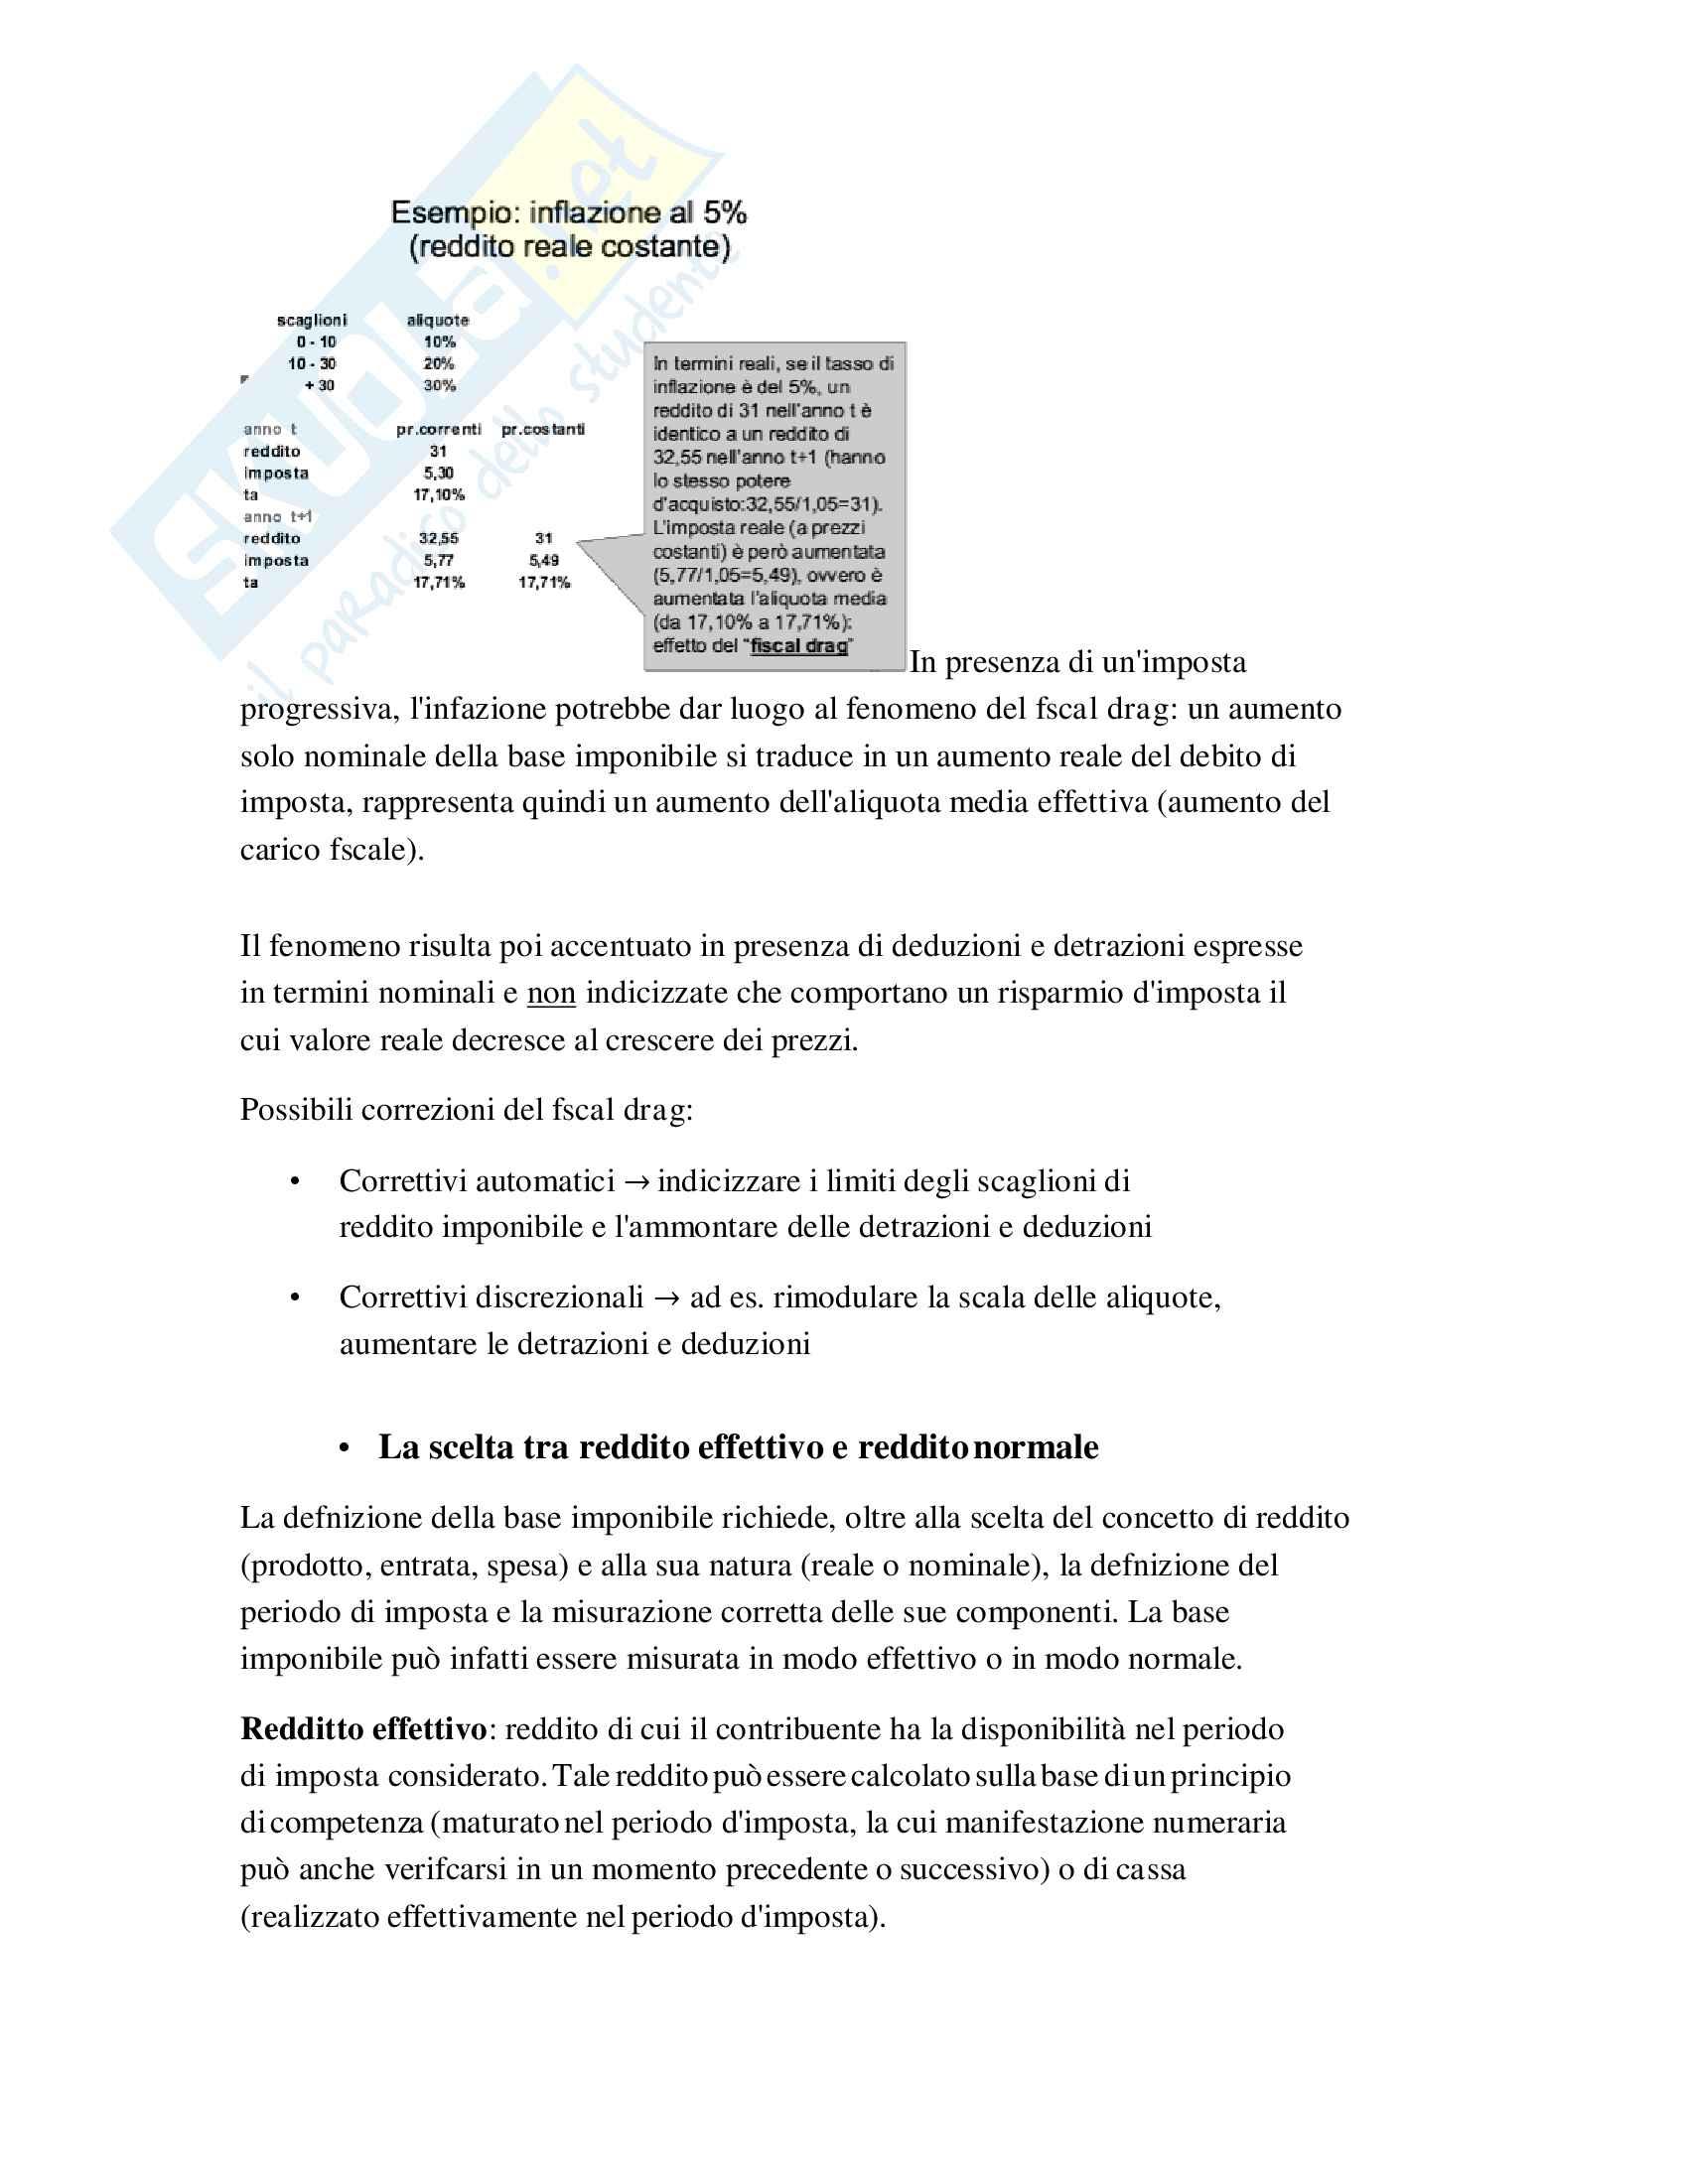 Riassunto Tributi economia italiana, esame di scienza delle finanze, prof Baldini, libro consigliato P. Bosi, M. C. Guerra: I tributi nell'economia italiana Pag. 16